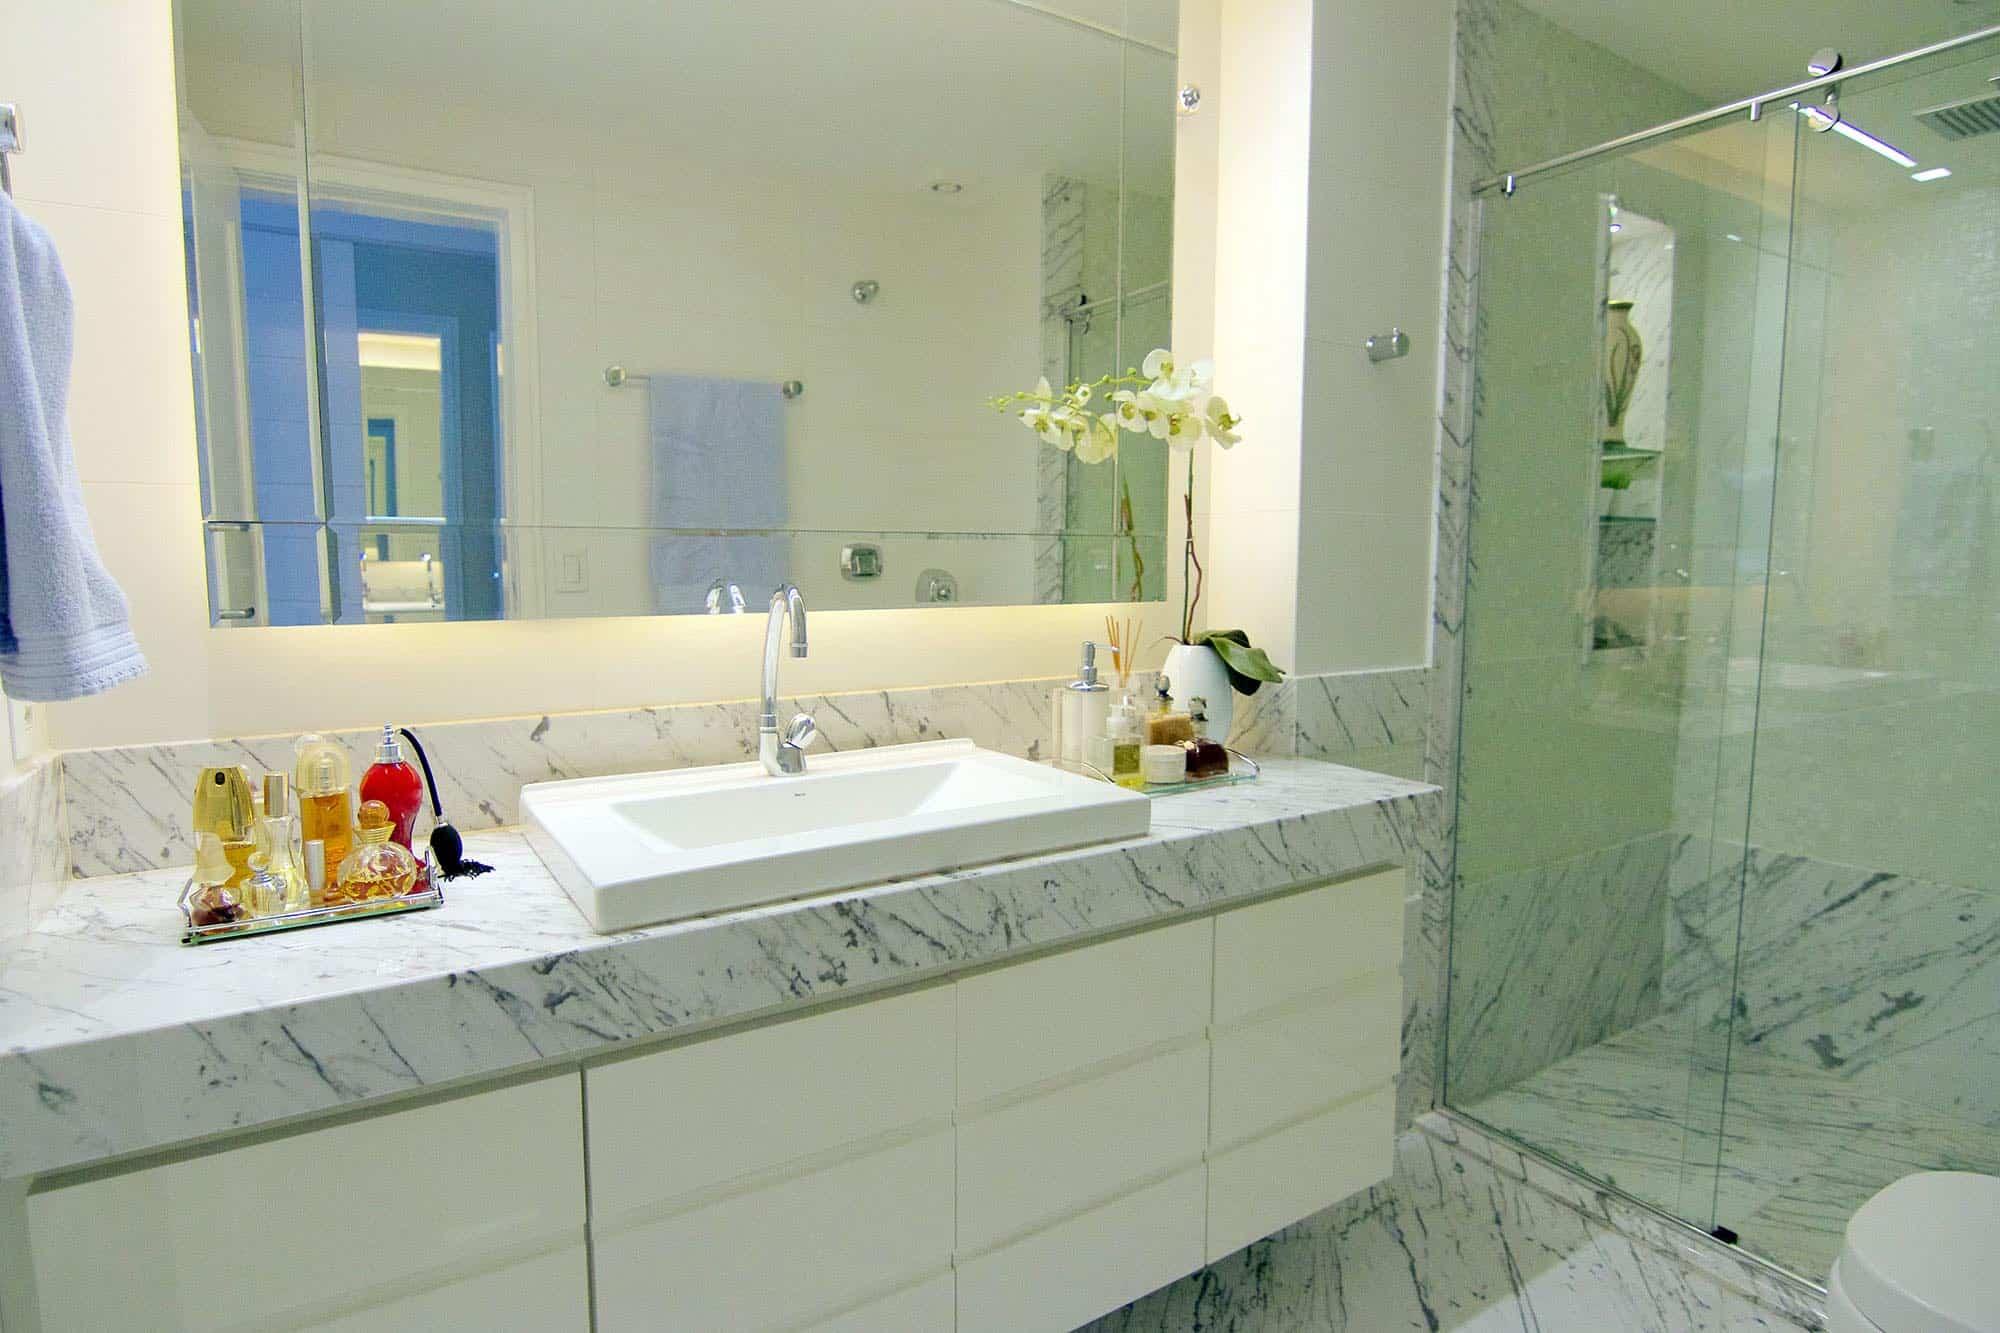 Tipos de pedras mármore e granitos brancos para cozinhas e banheiros  #456E85 2000 1333